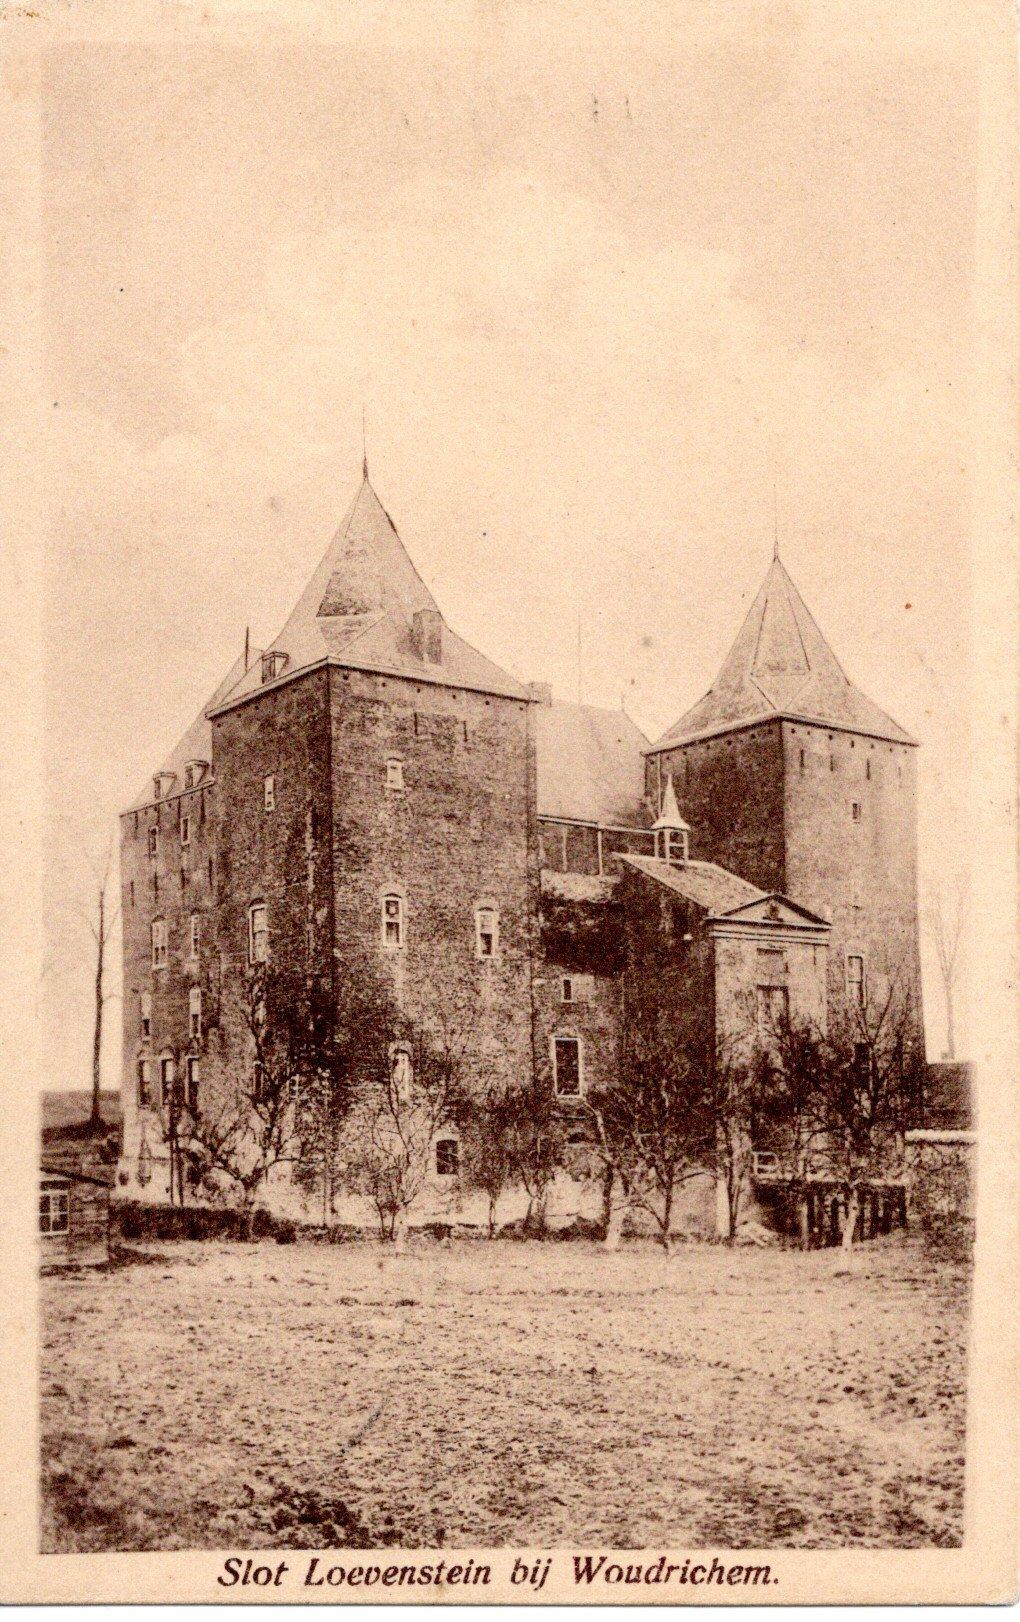 D7-Slot-Loevestein-bij-Woudrichem-1922